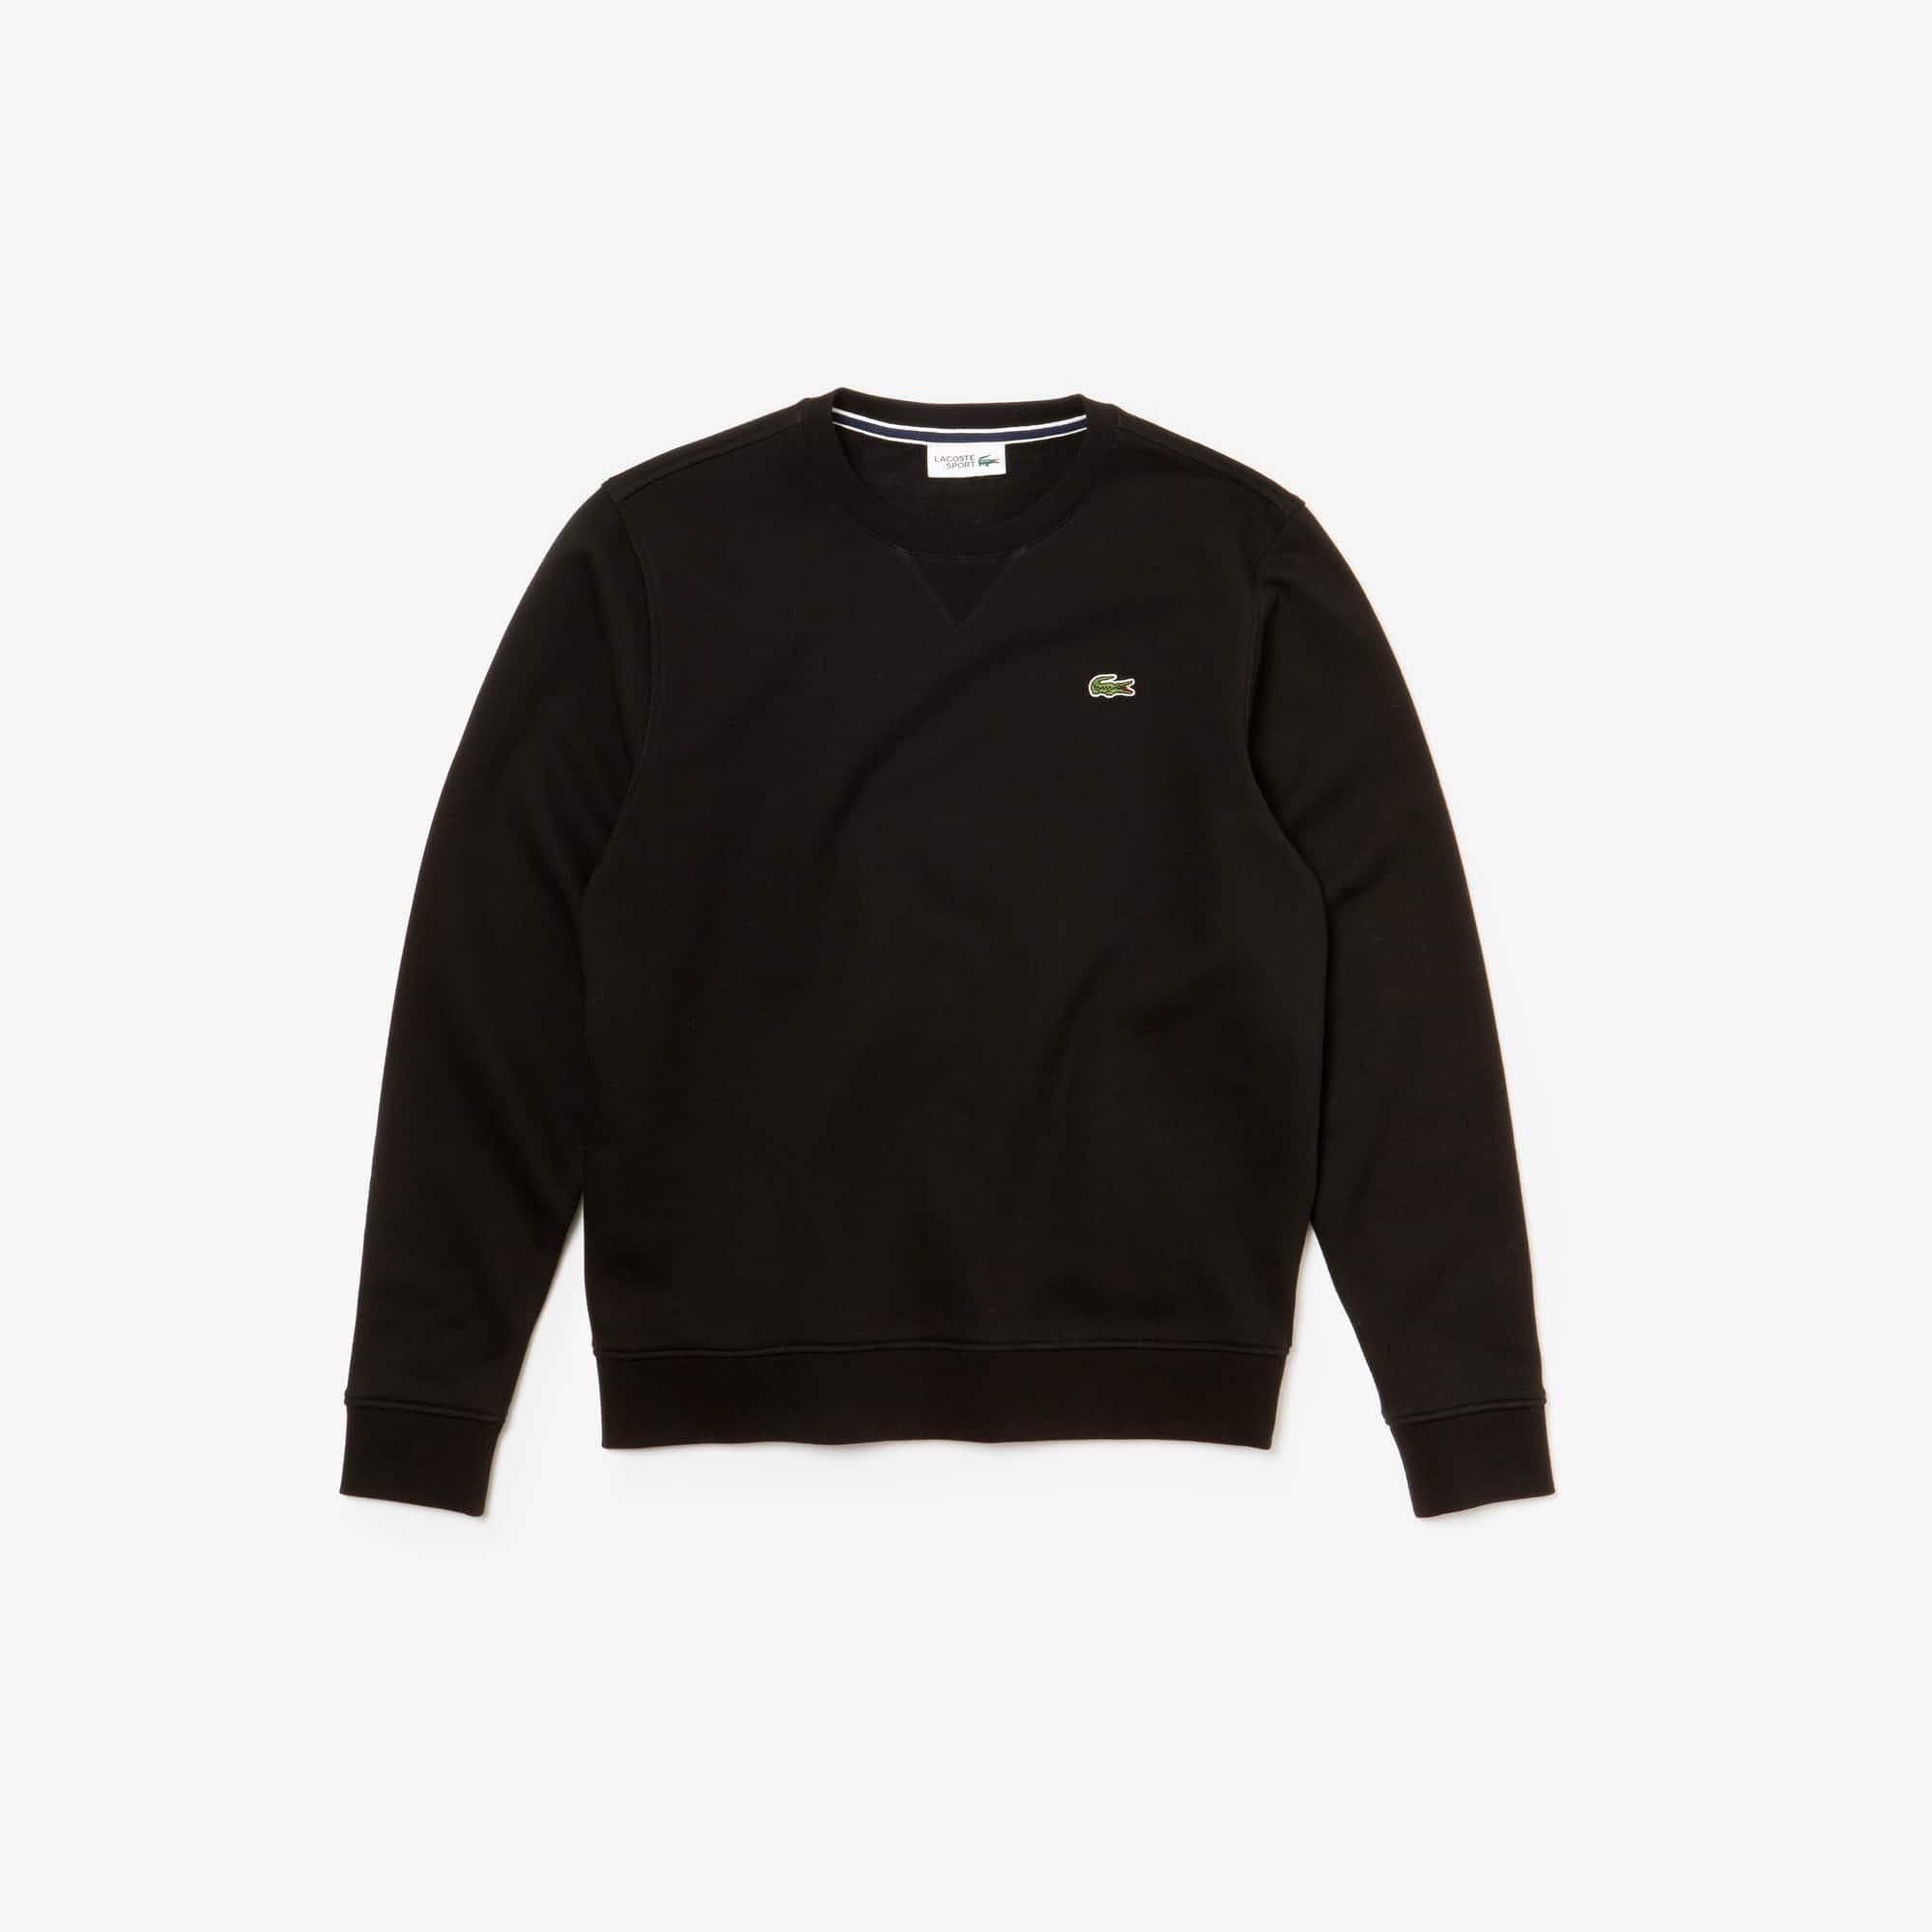 623103d6a6ad Men s Sweatshirts